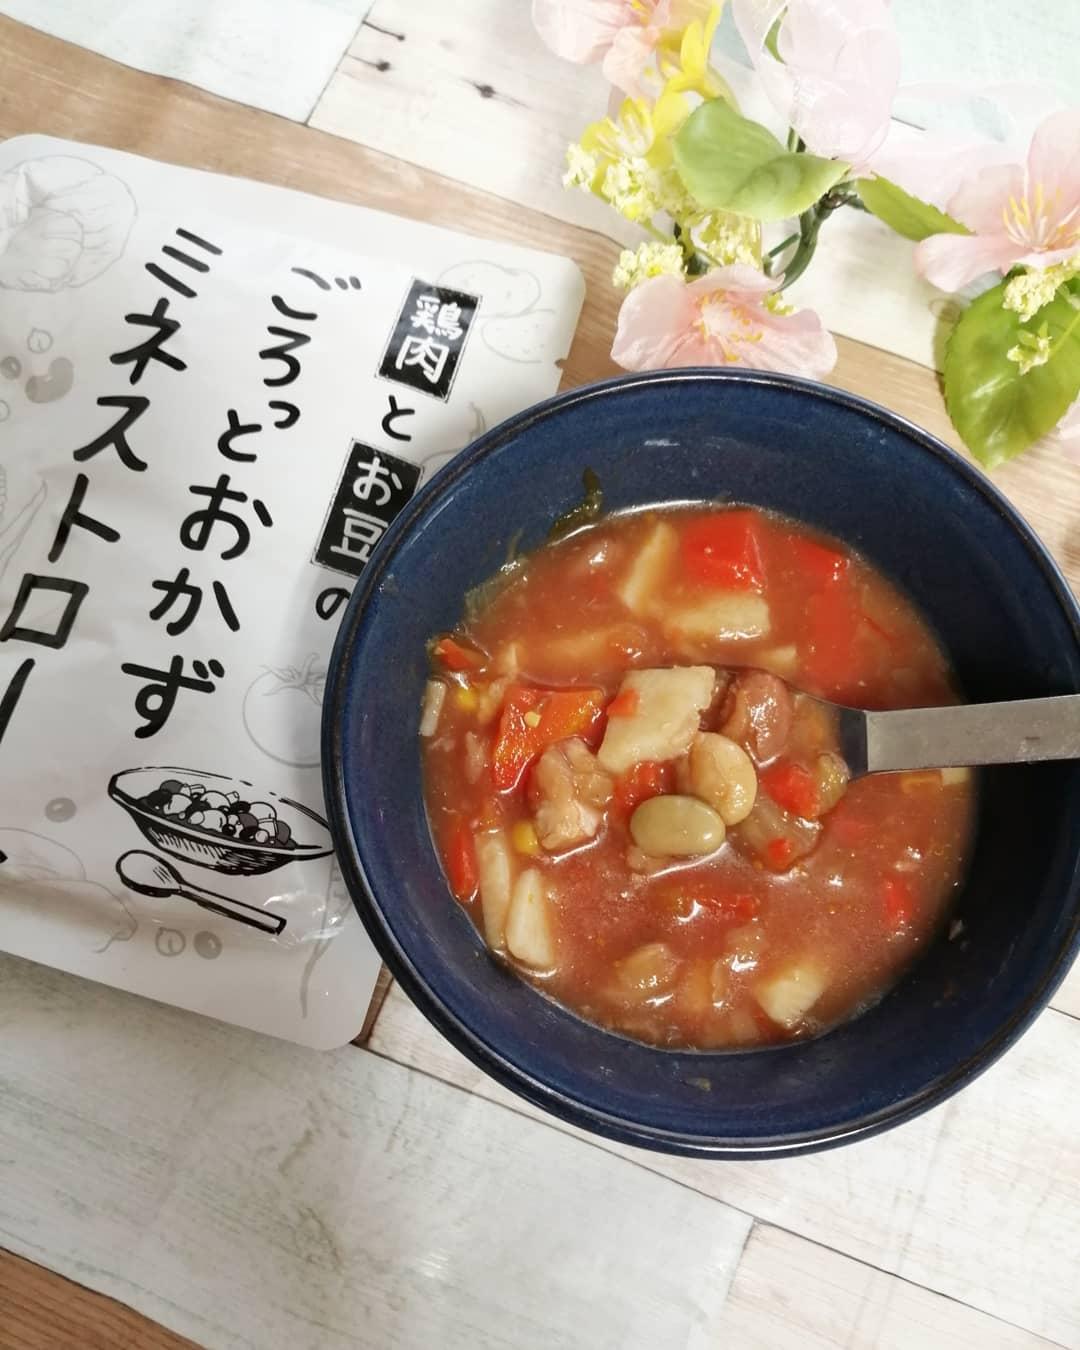 口コミ投稿:アイケイ様から『鶏肉とお豆のごろっとおかずミネストローネ』いただきました😊❤️ ビ…